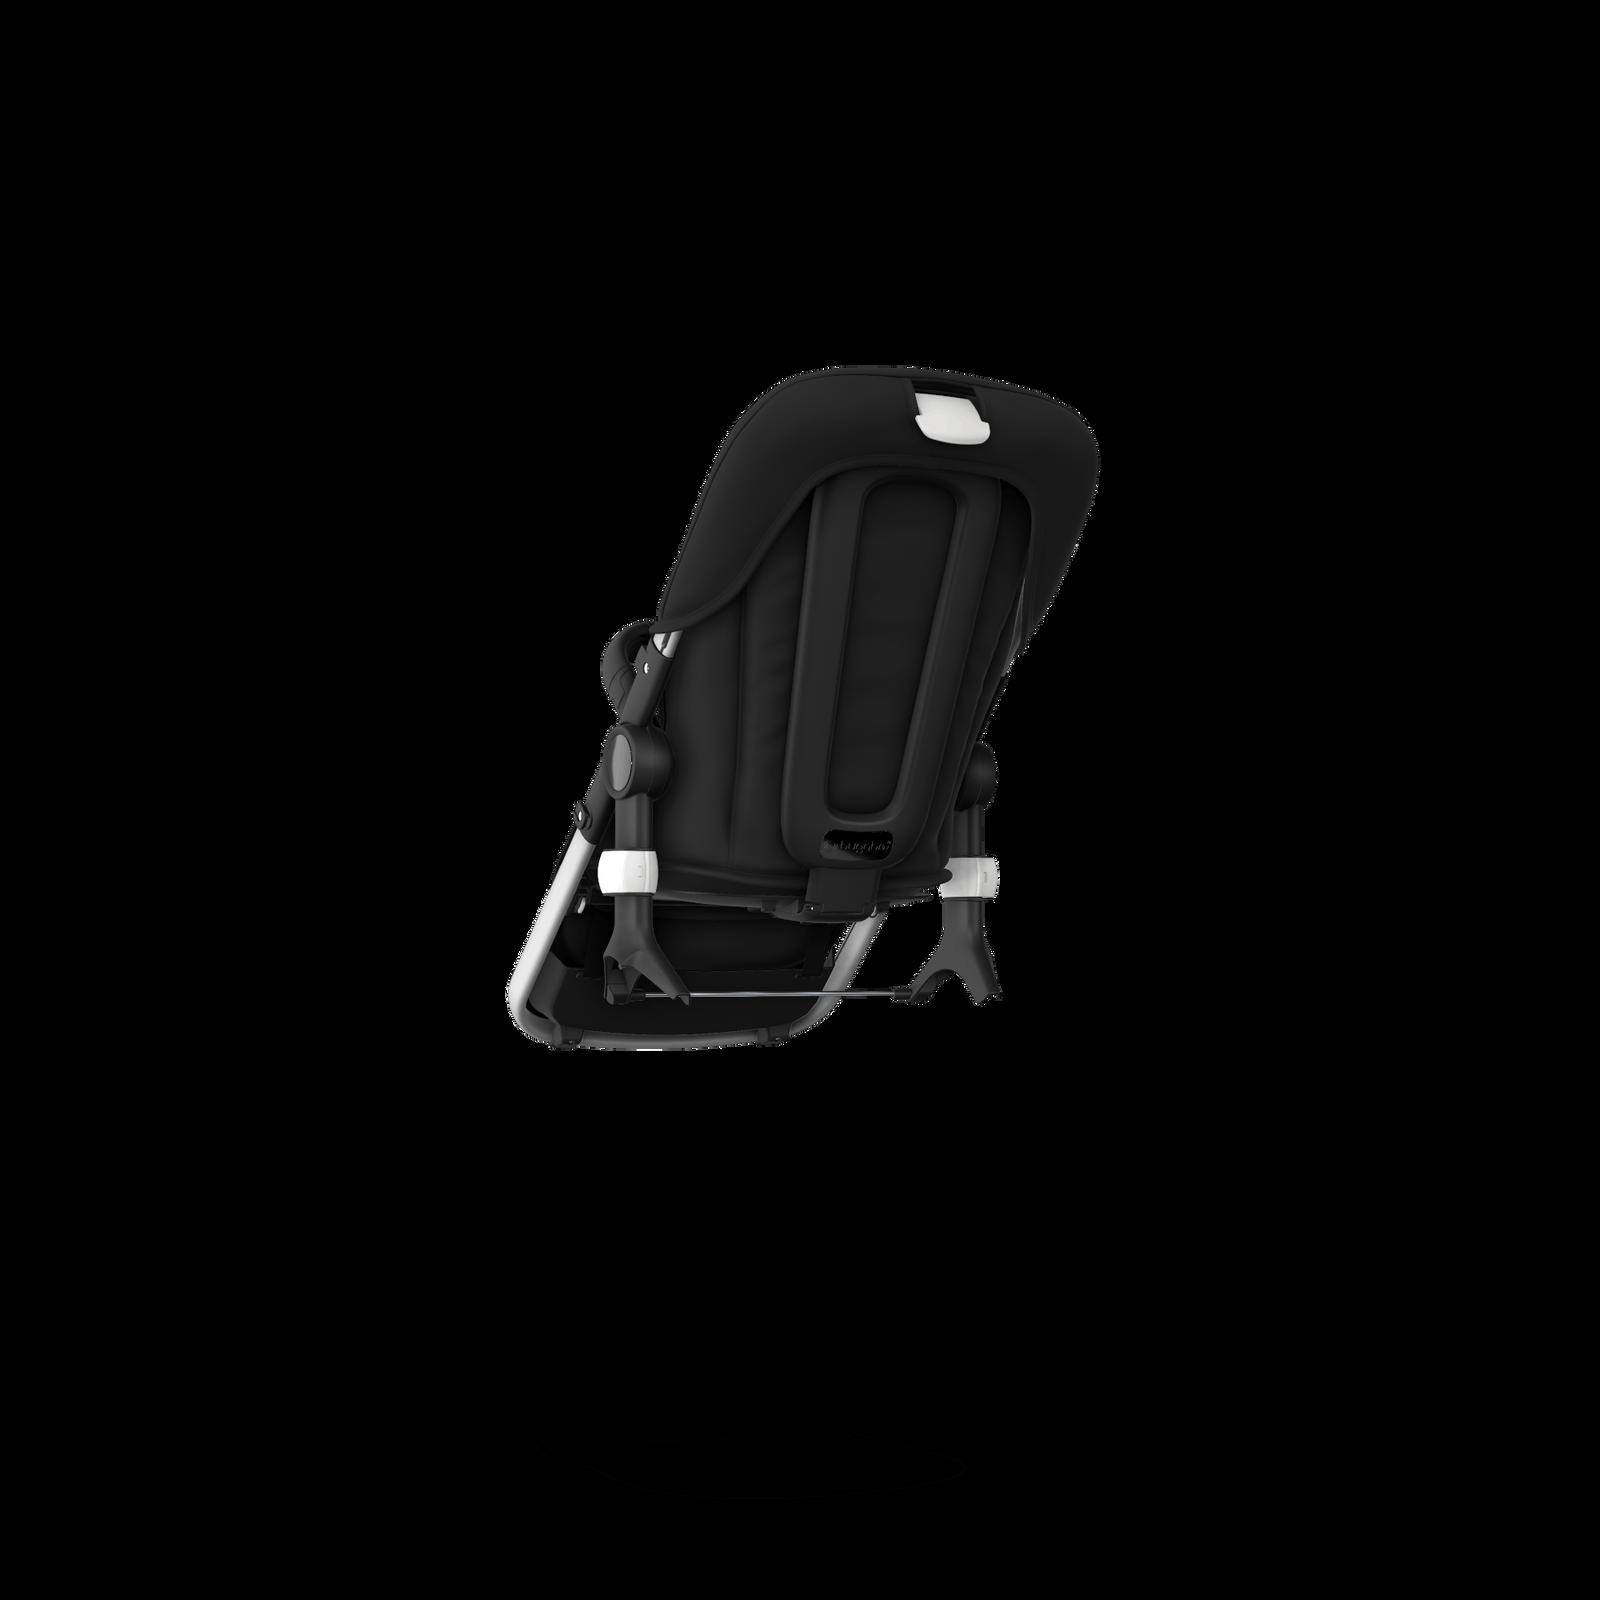 Bugaboo Fox seat fabric Black